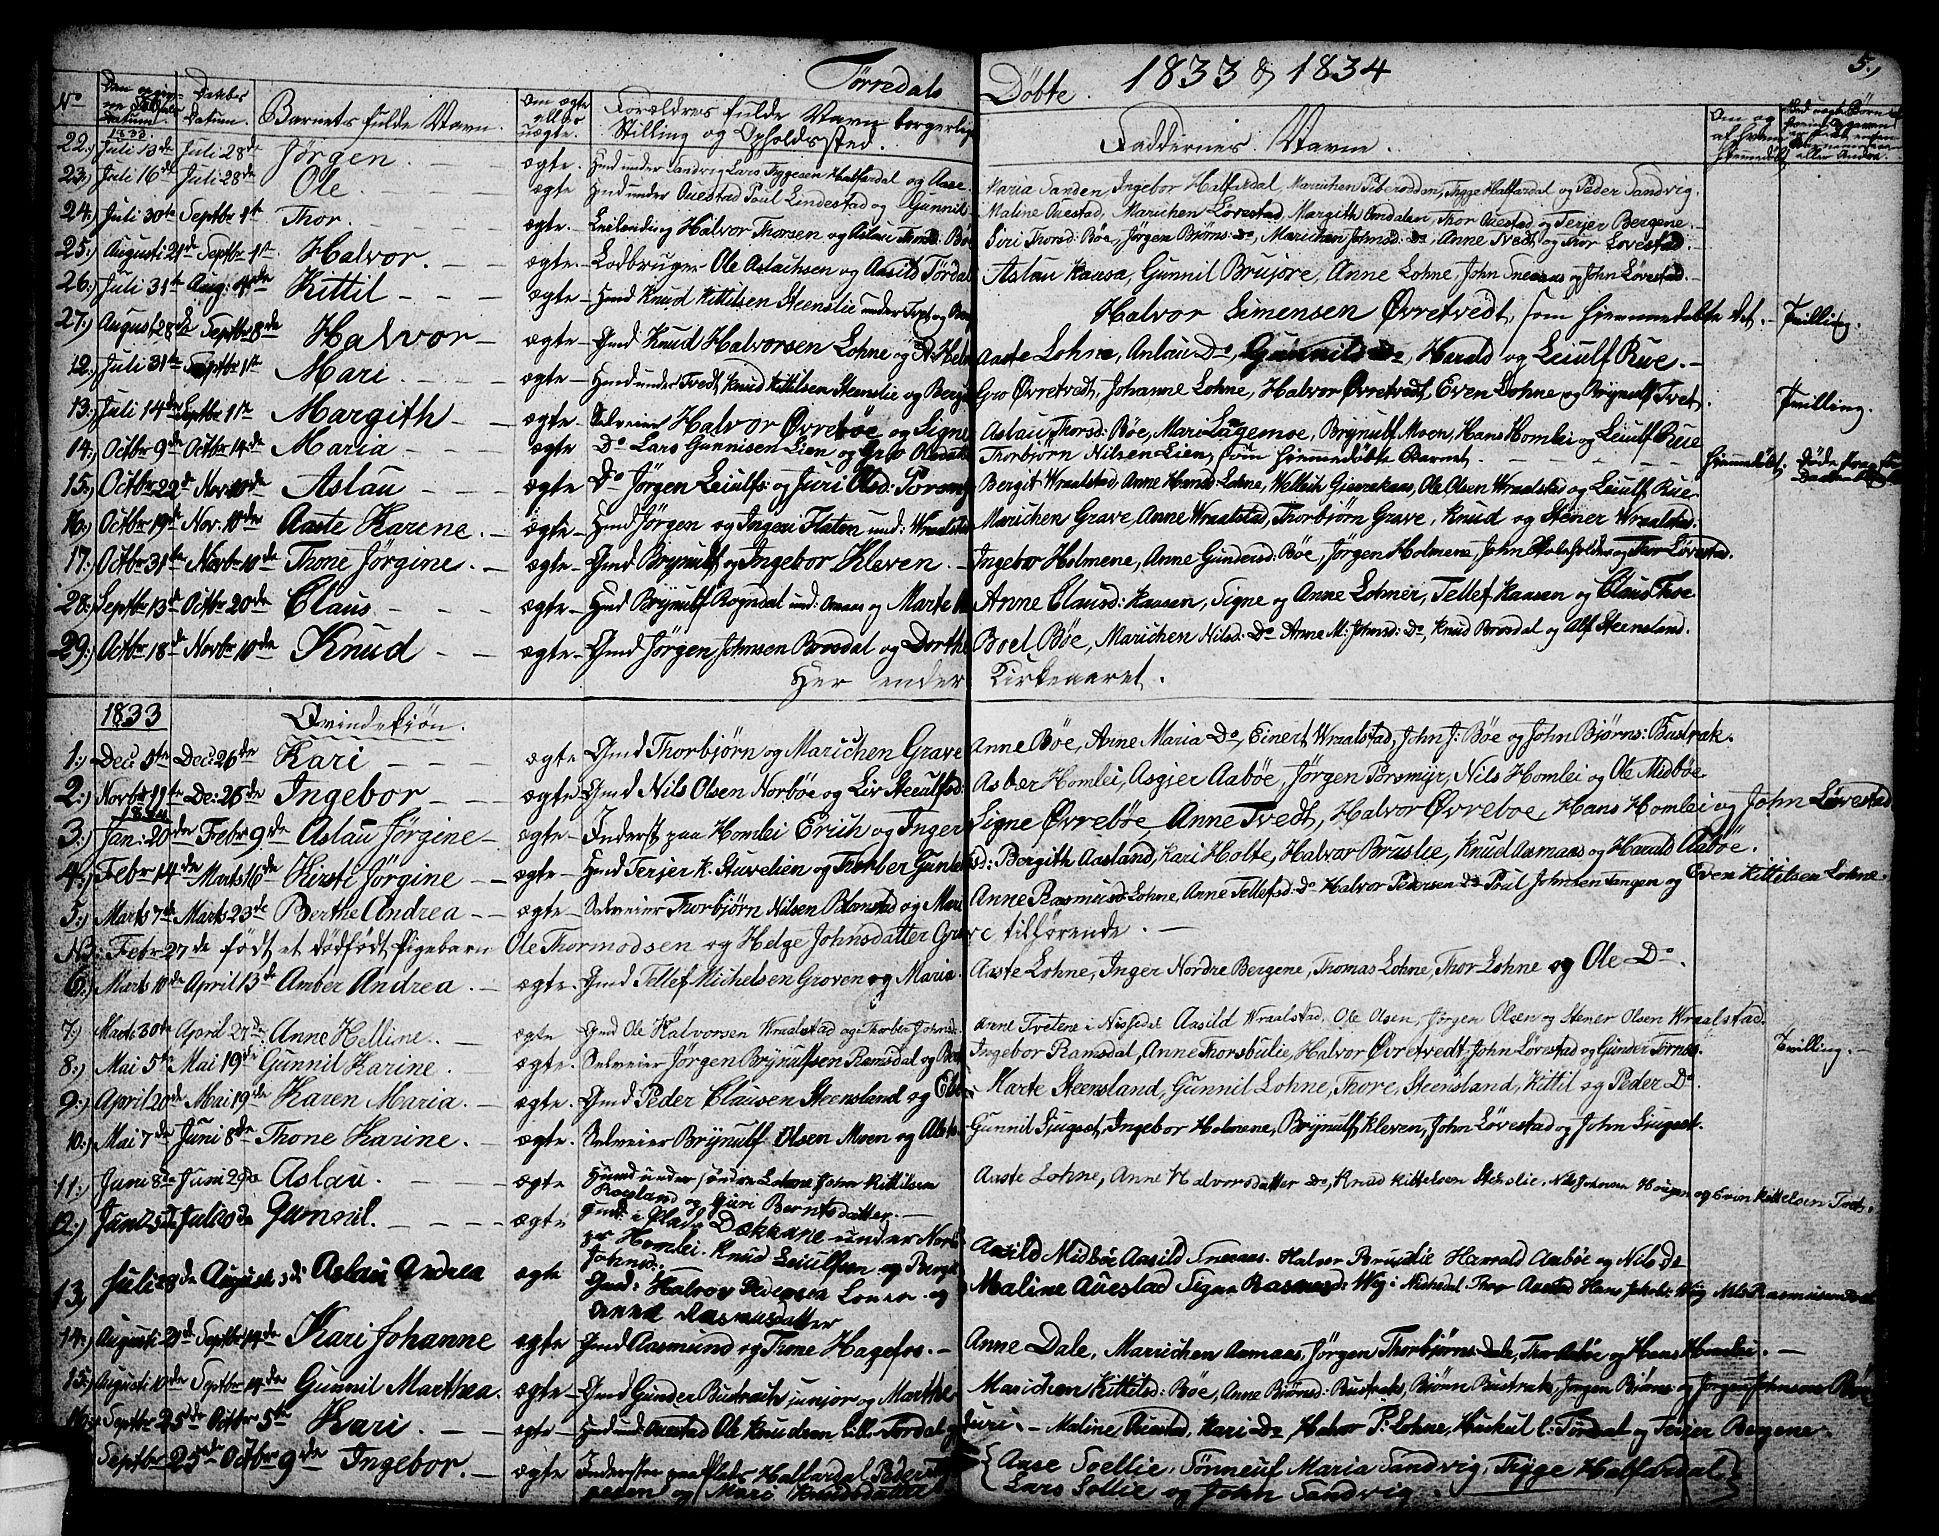 SAKO, Drangedal kirkebøker, G/Ga/L0001: Klokkerbok nr. I 1 /2, 1814-1856, s. 5